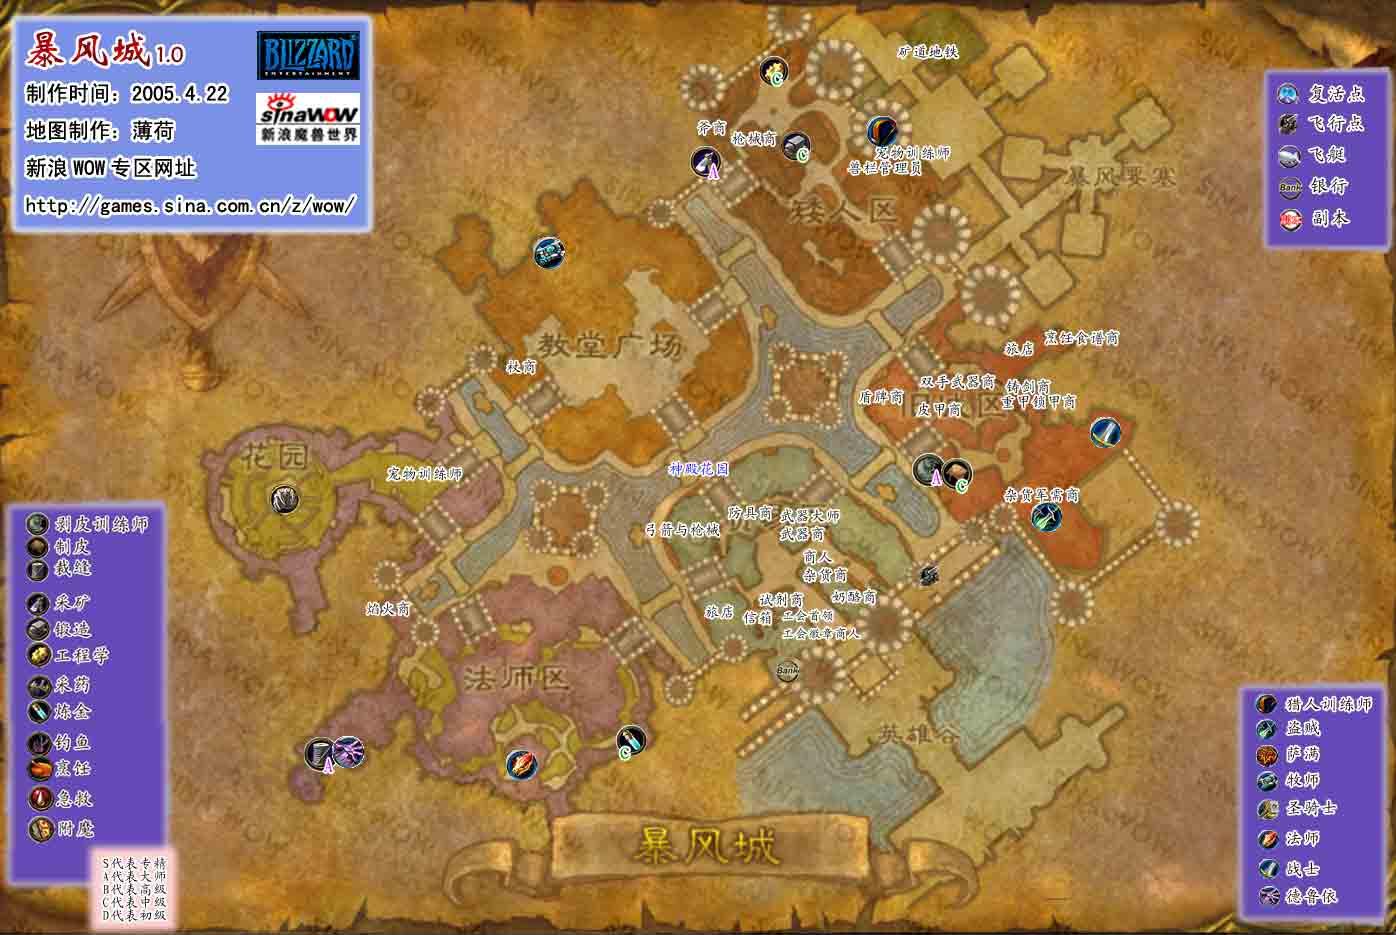 魔兽世界地图素材